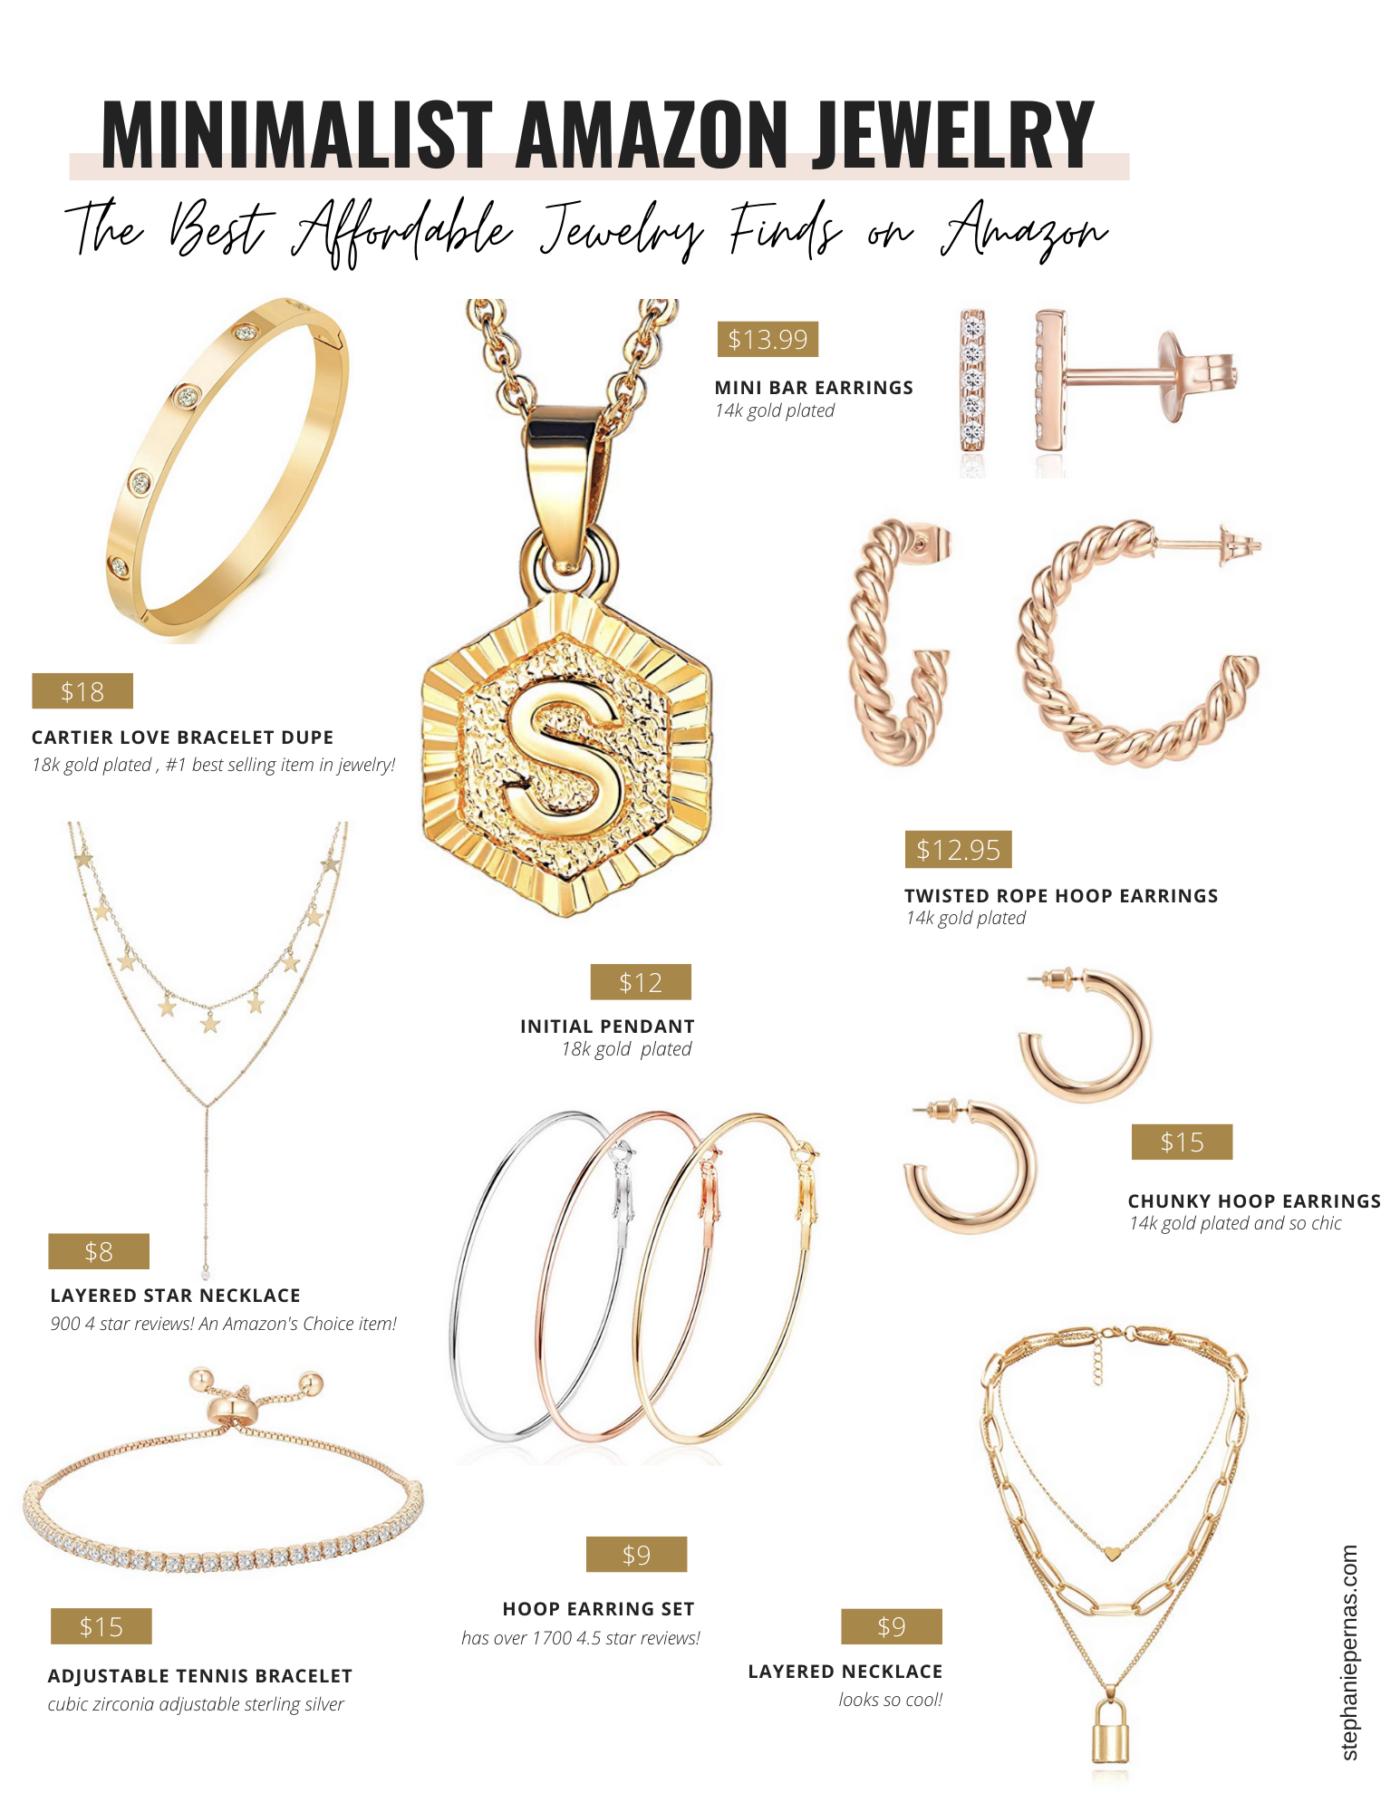 Minimalist-Amazon-Jewelry